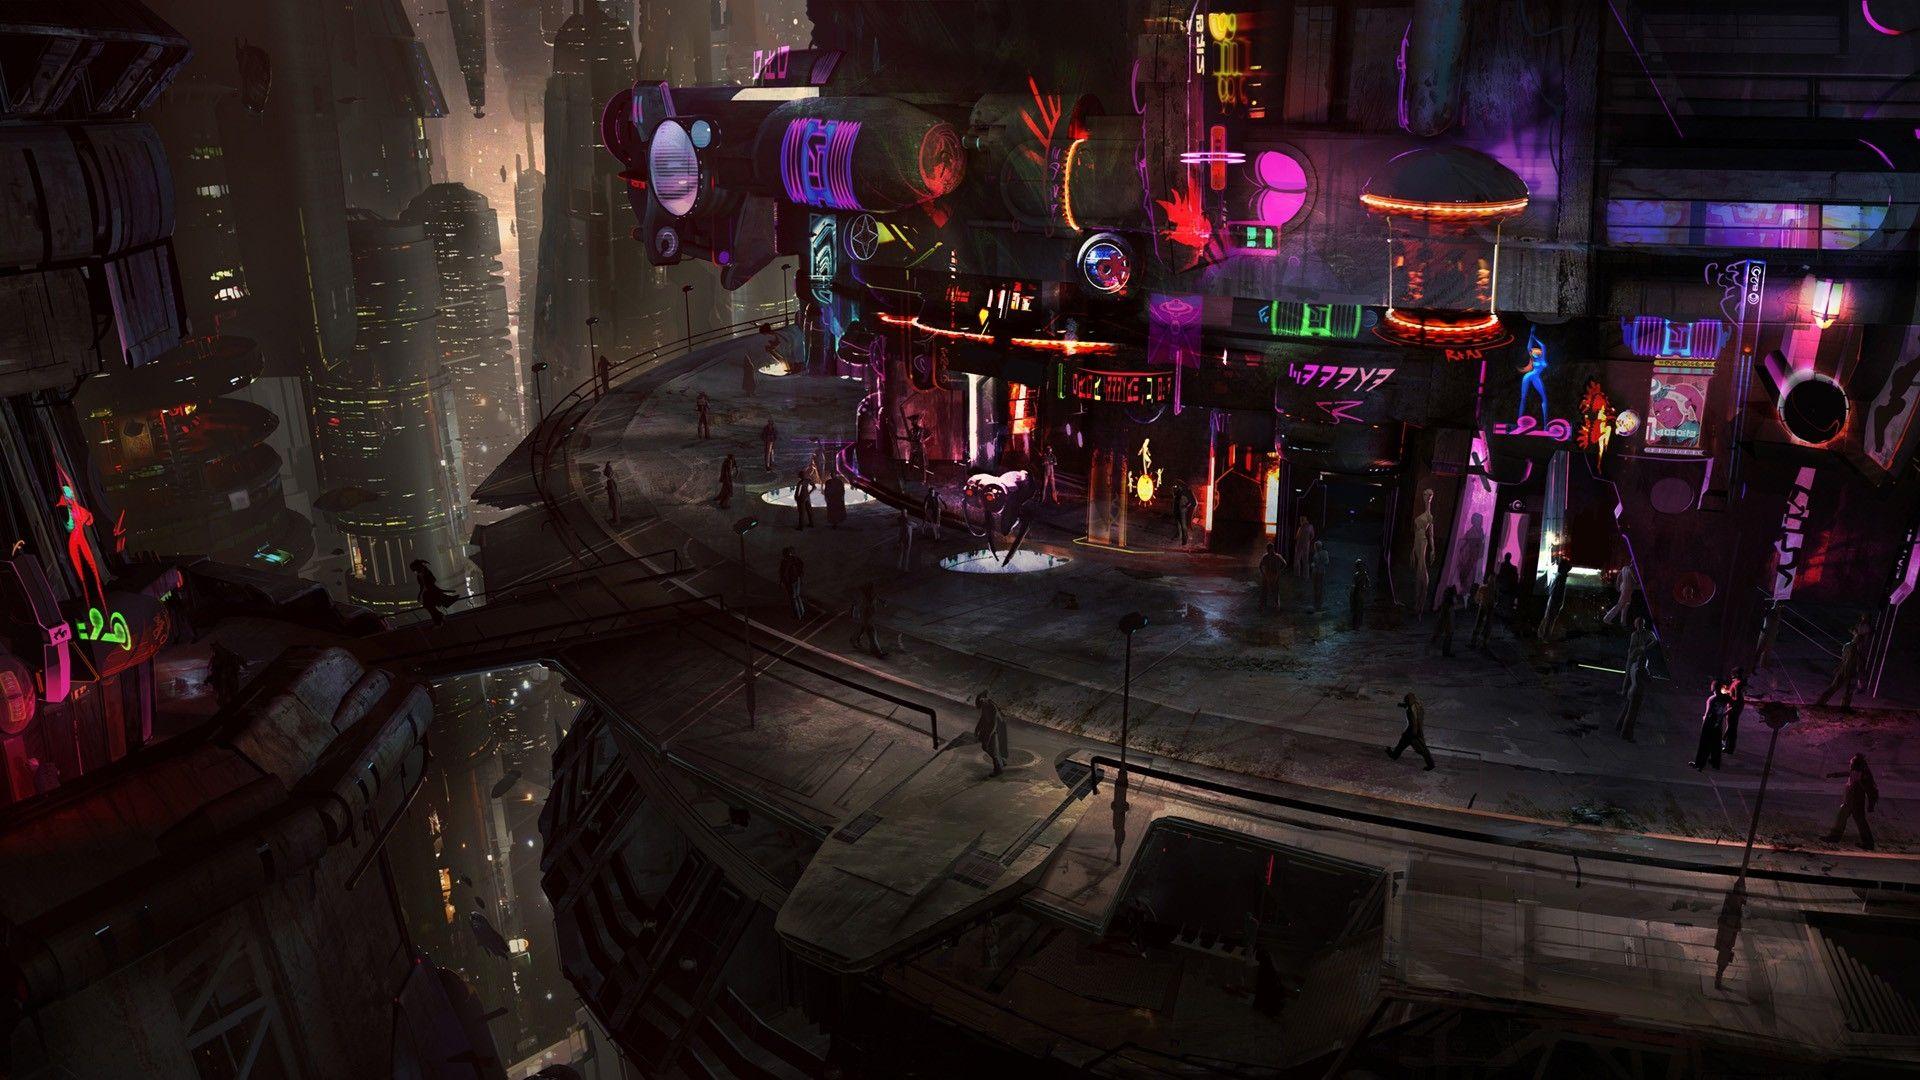 Cyberpunk Ish Wallpaper Dump 1080p Futuristic City Star Wars Concept Art Star Wars 1313